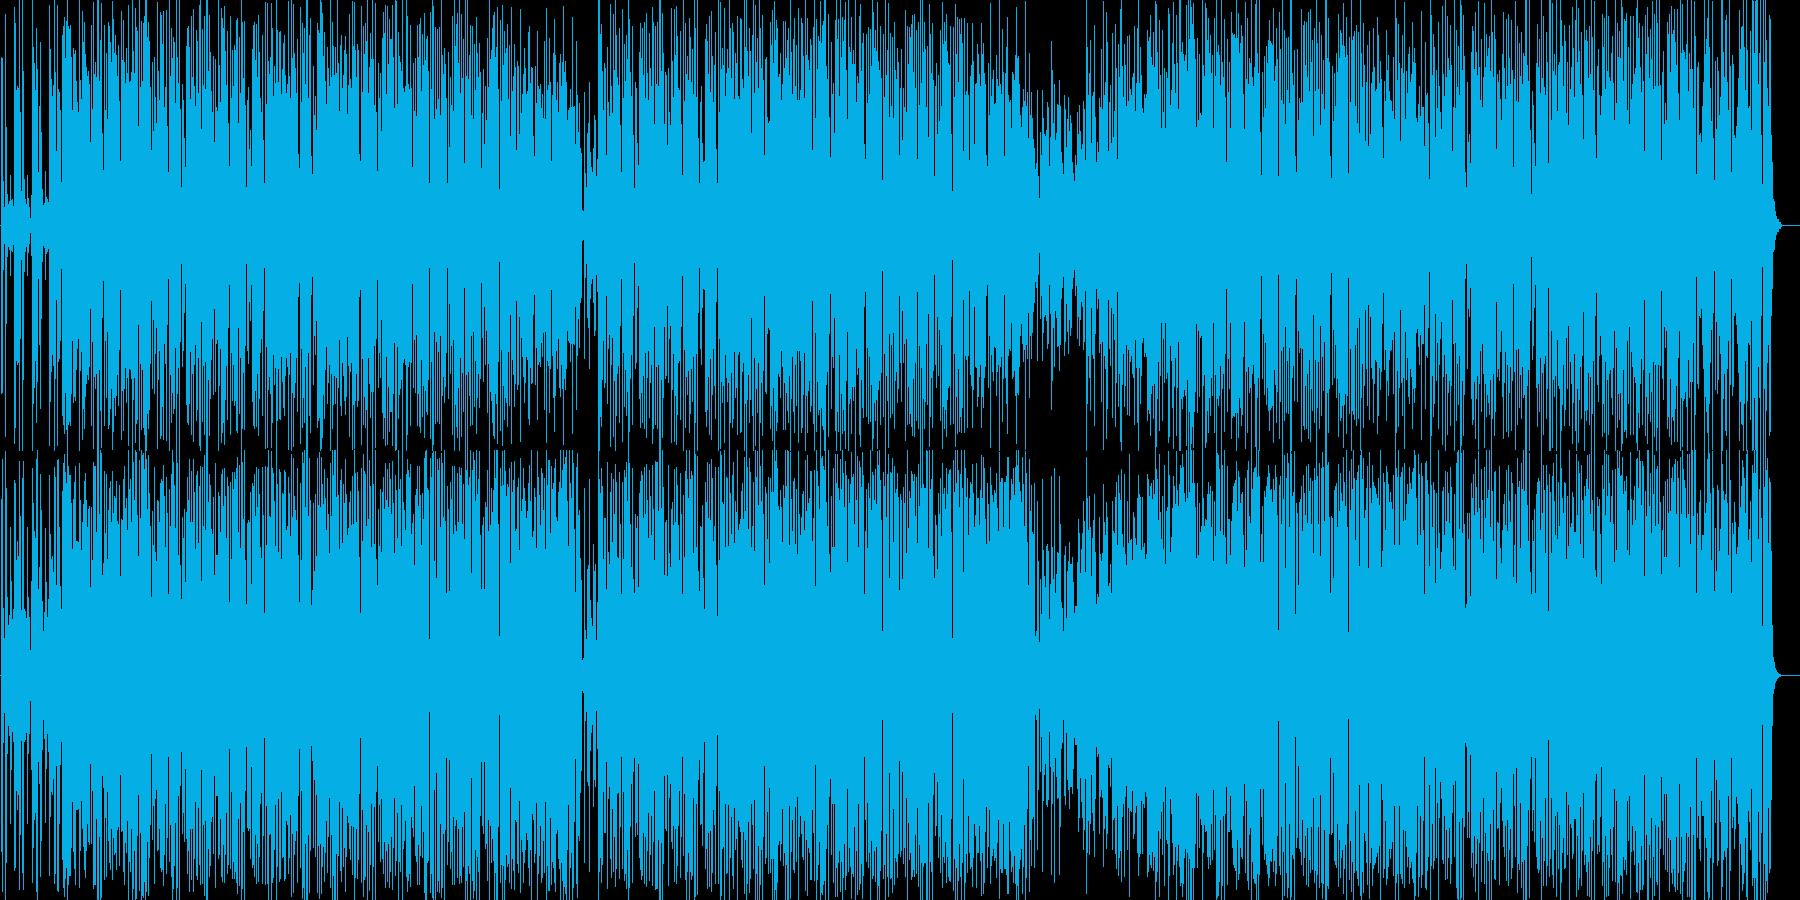 電子音が可愛らしい曲の再生済みの波形